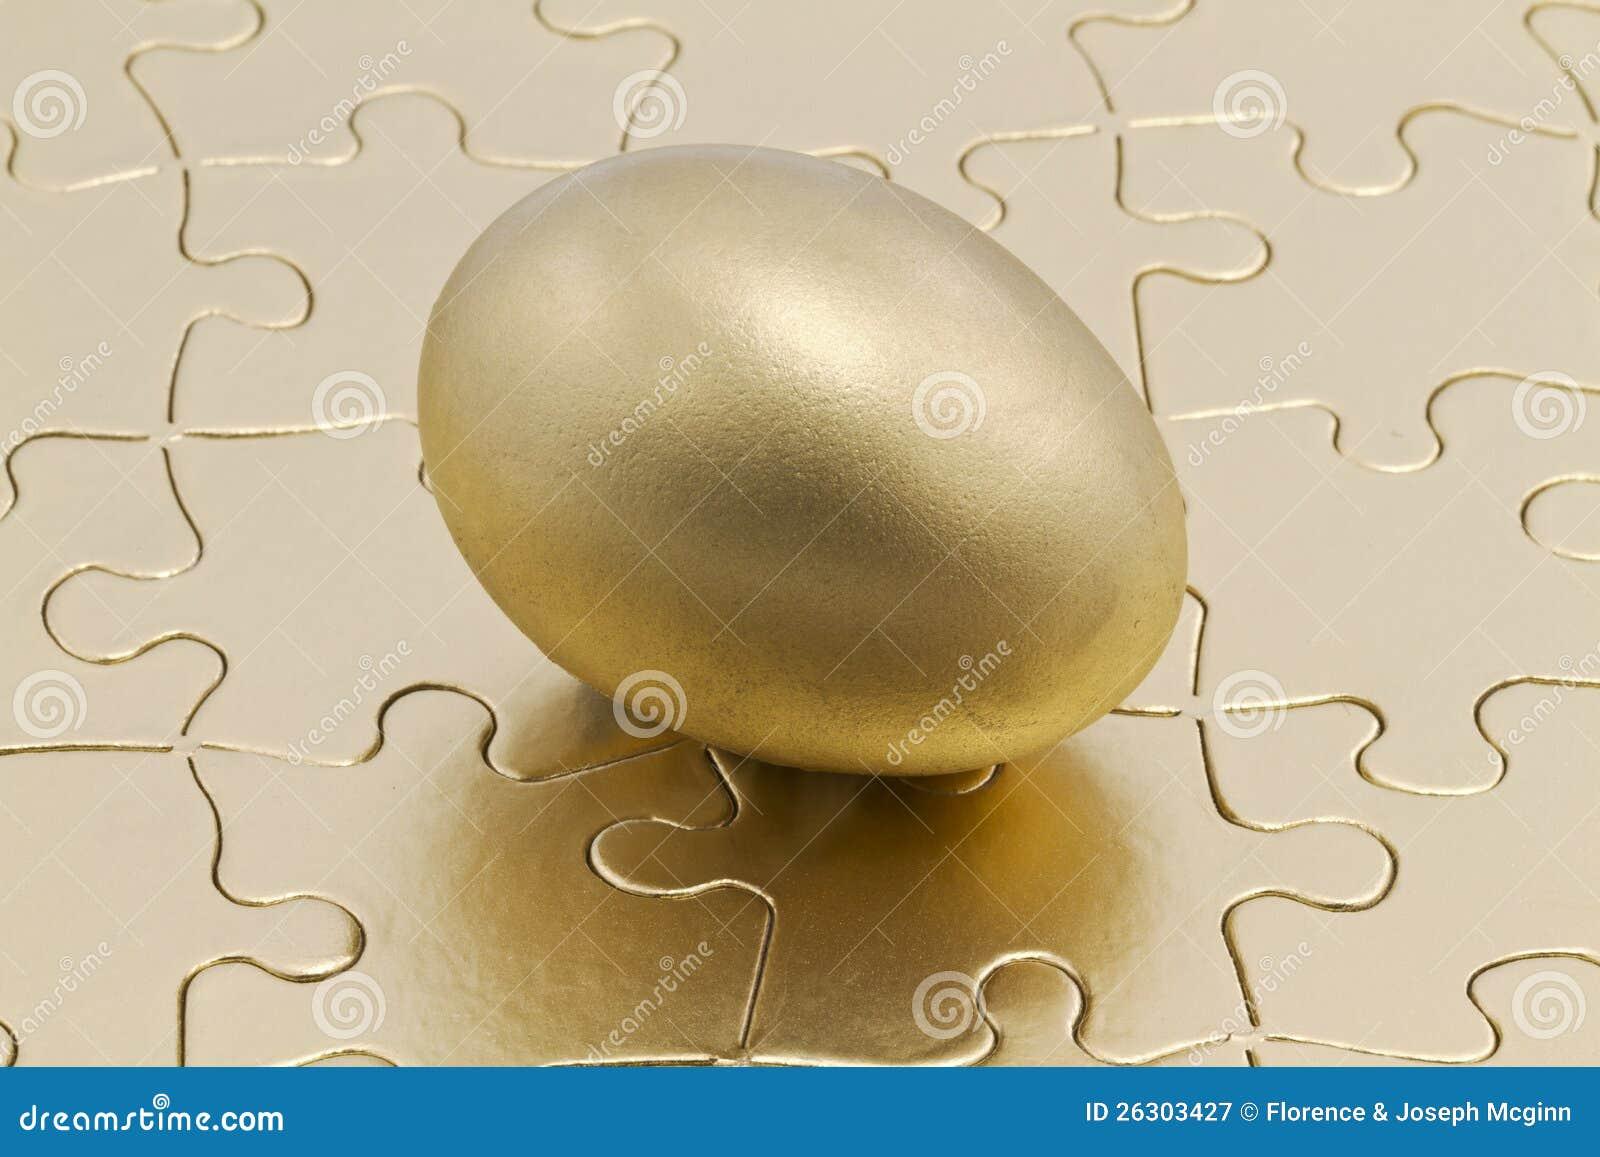 nest egg crossword